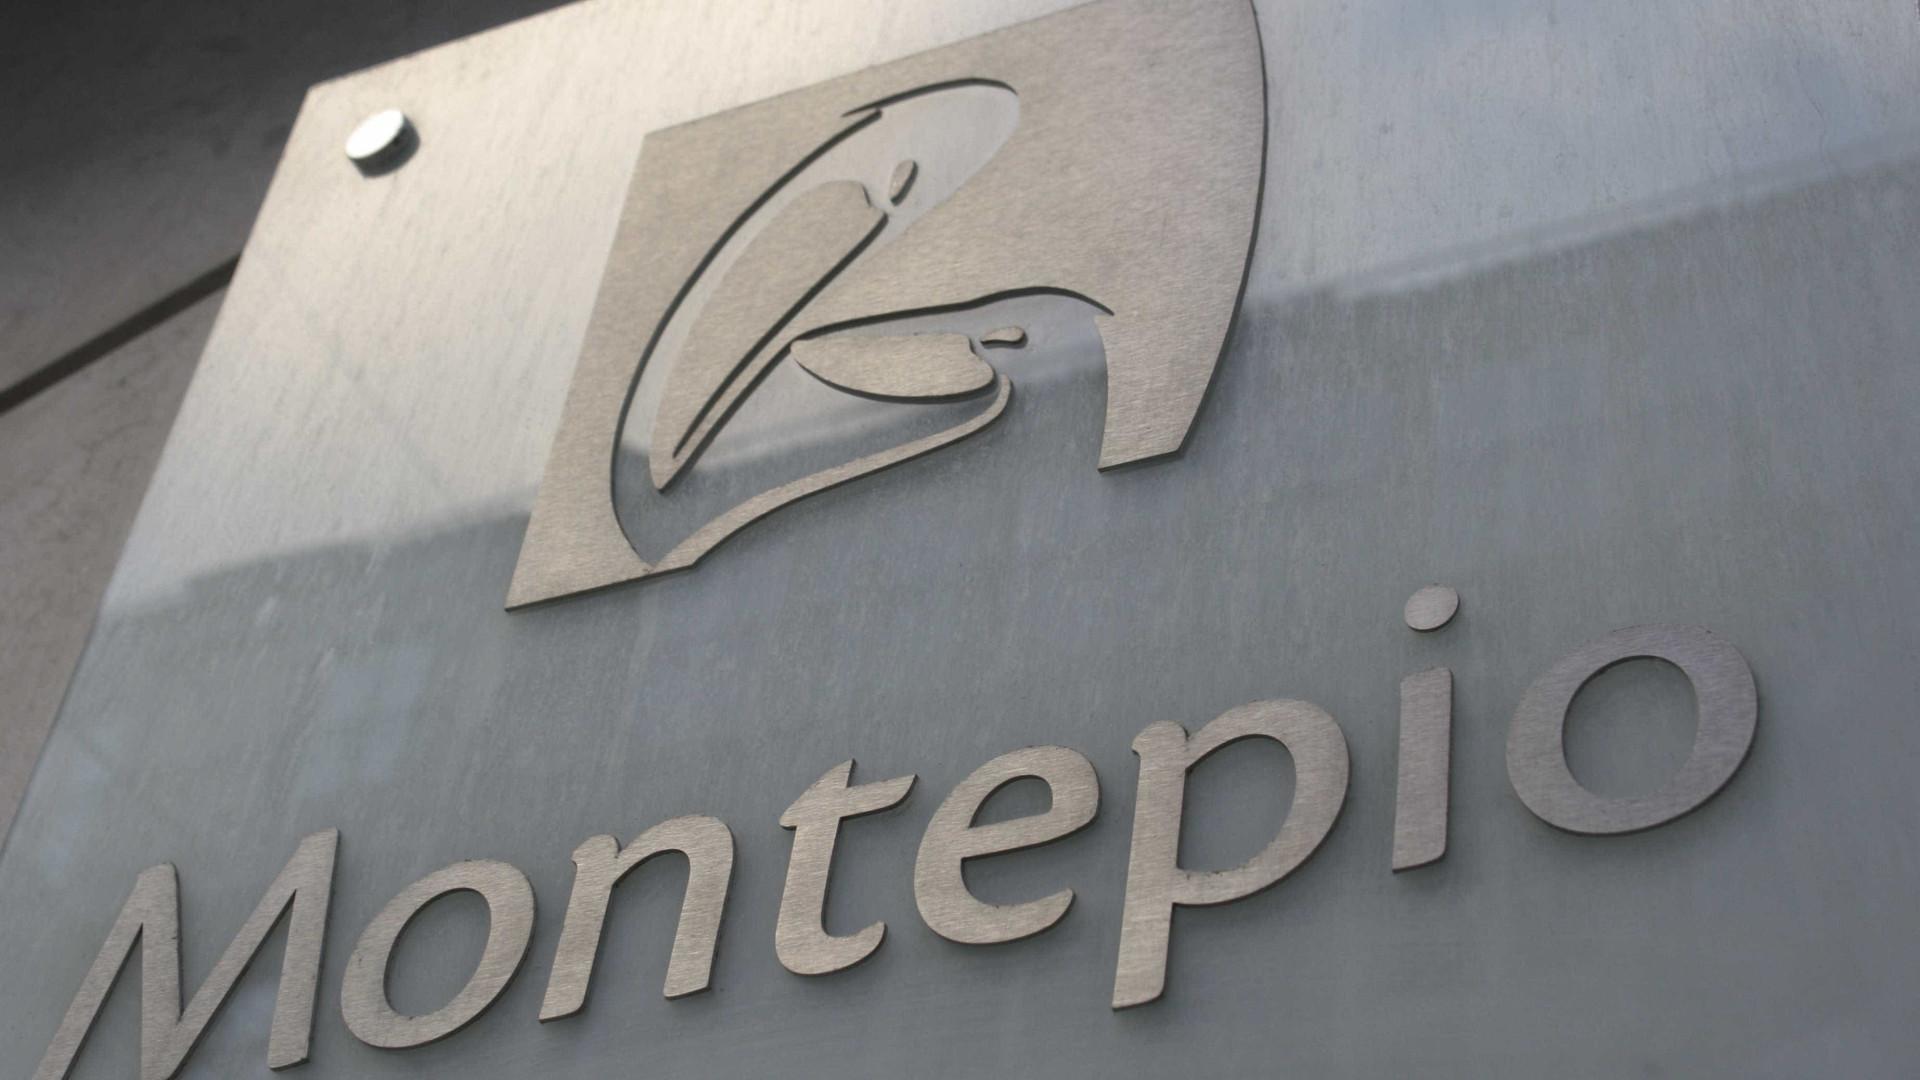 Associados do Montepio fazem petição a pedir transparência na Mutualista